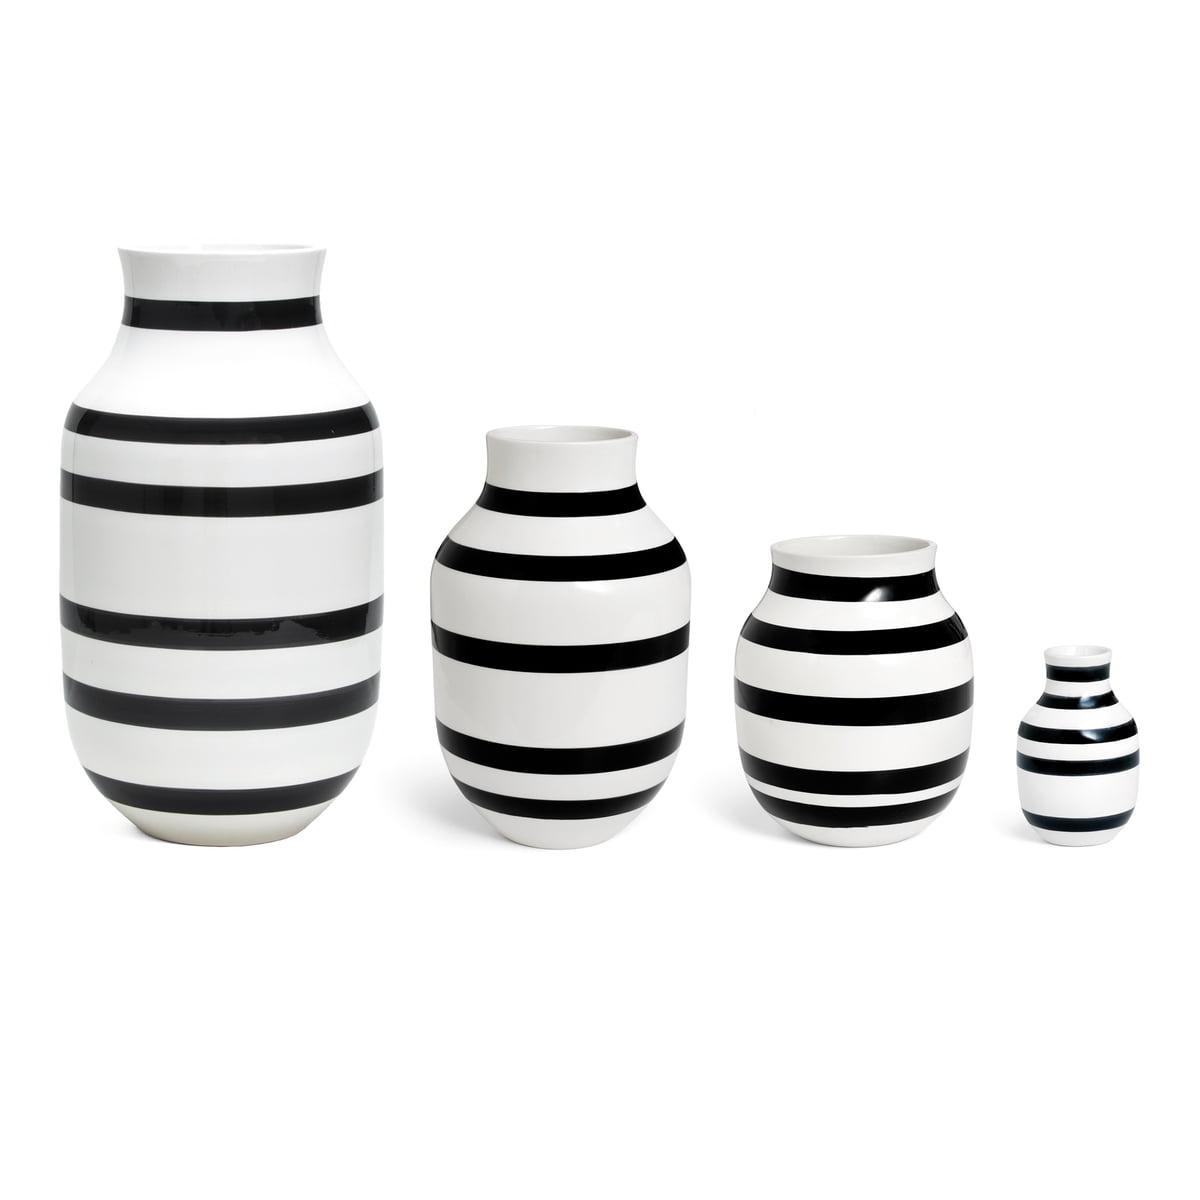 omaggio vase h 12 5 cm von k hler design. Black Bedroom Furniture Sets. Home Design Ideas